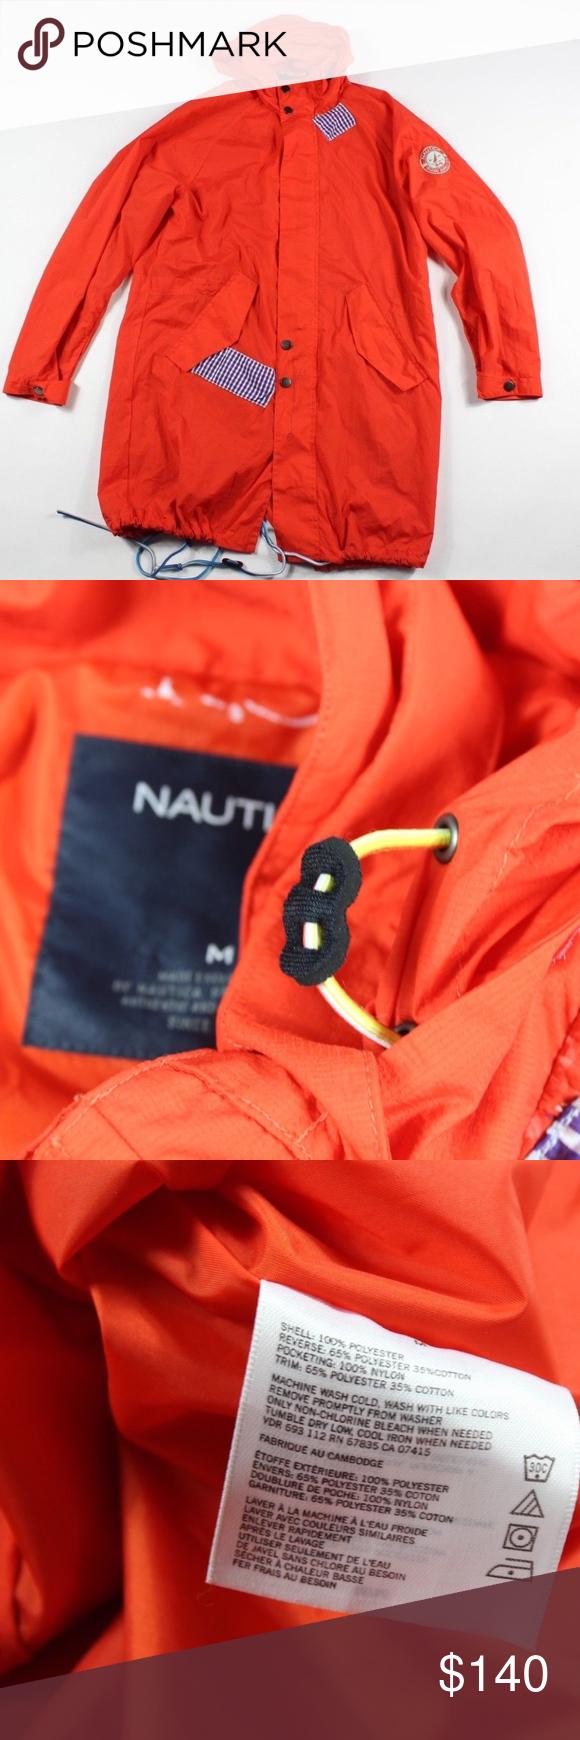 baa81addf Sample Vintage Nautica Spell Out Raincoat Jacket M Vintage 90s ...